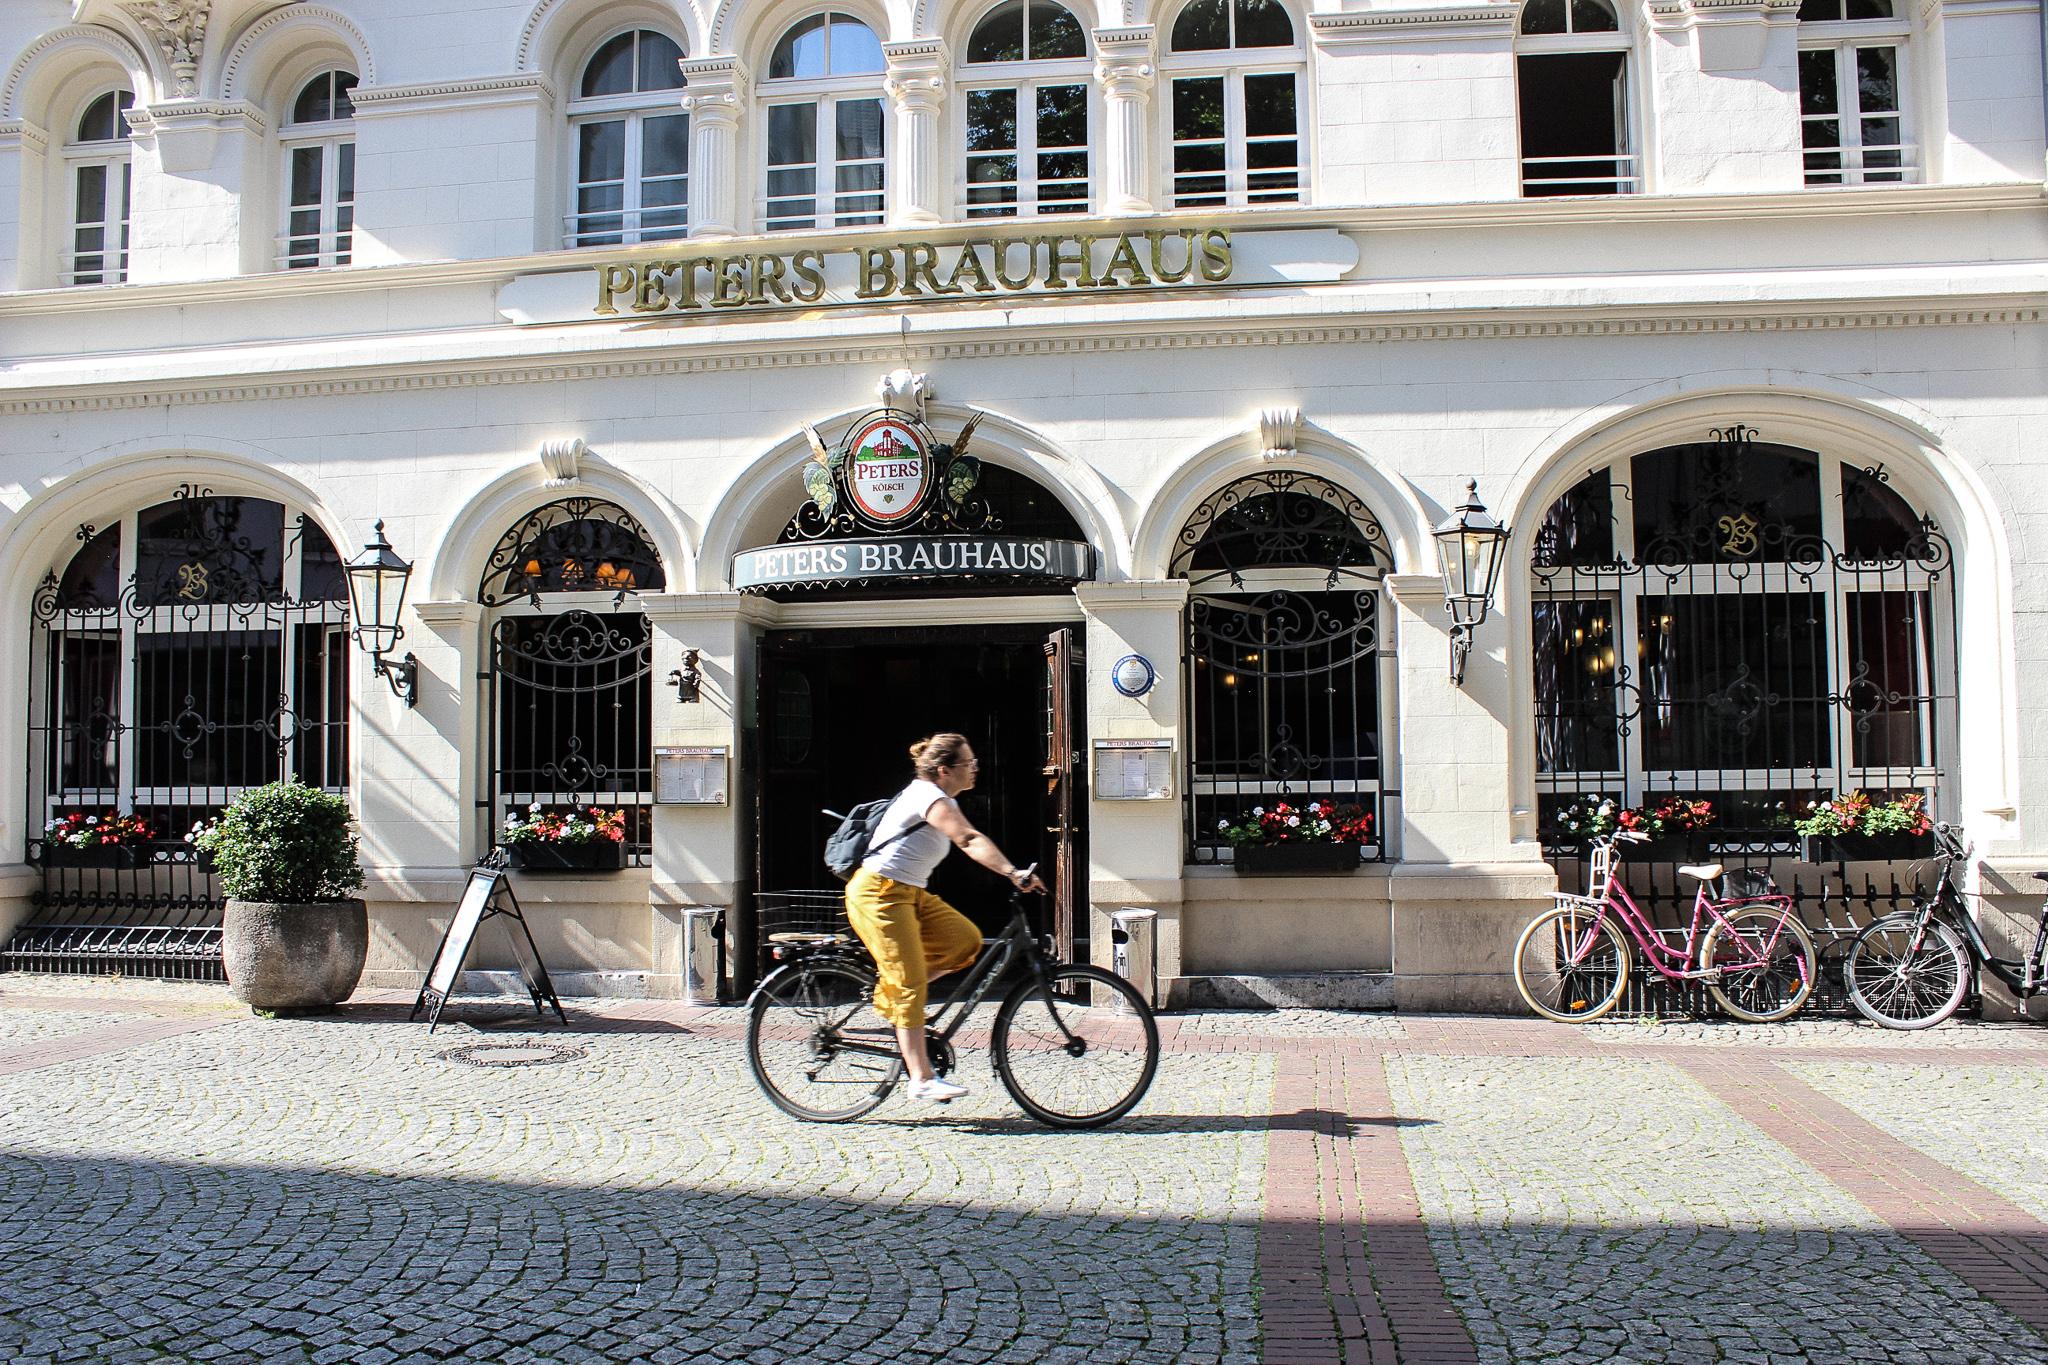 Peters-Brauhaus-Koln.jpg